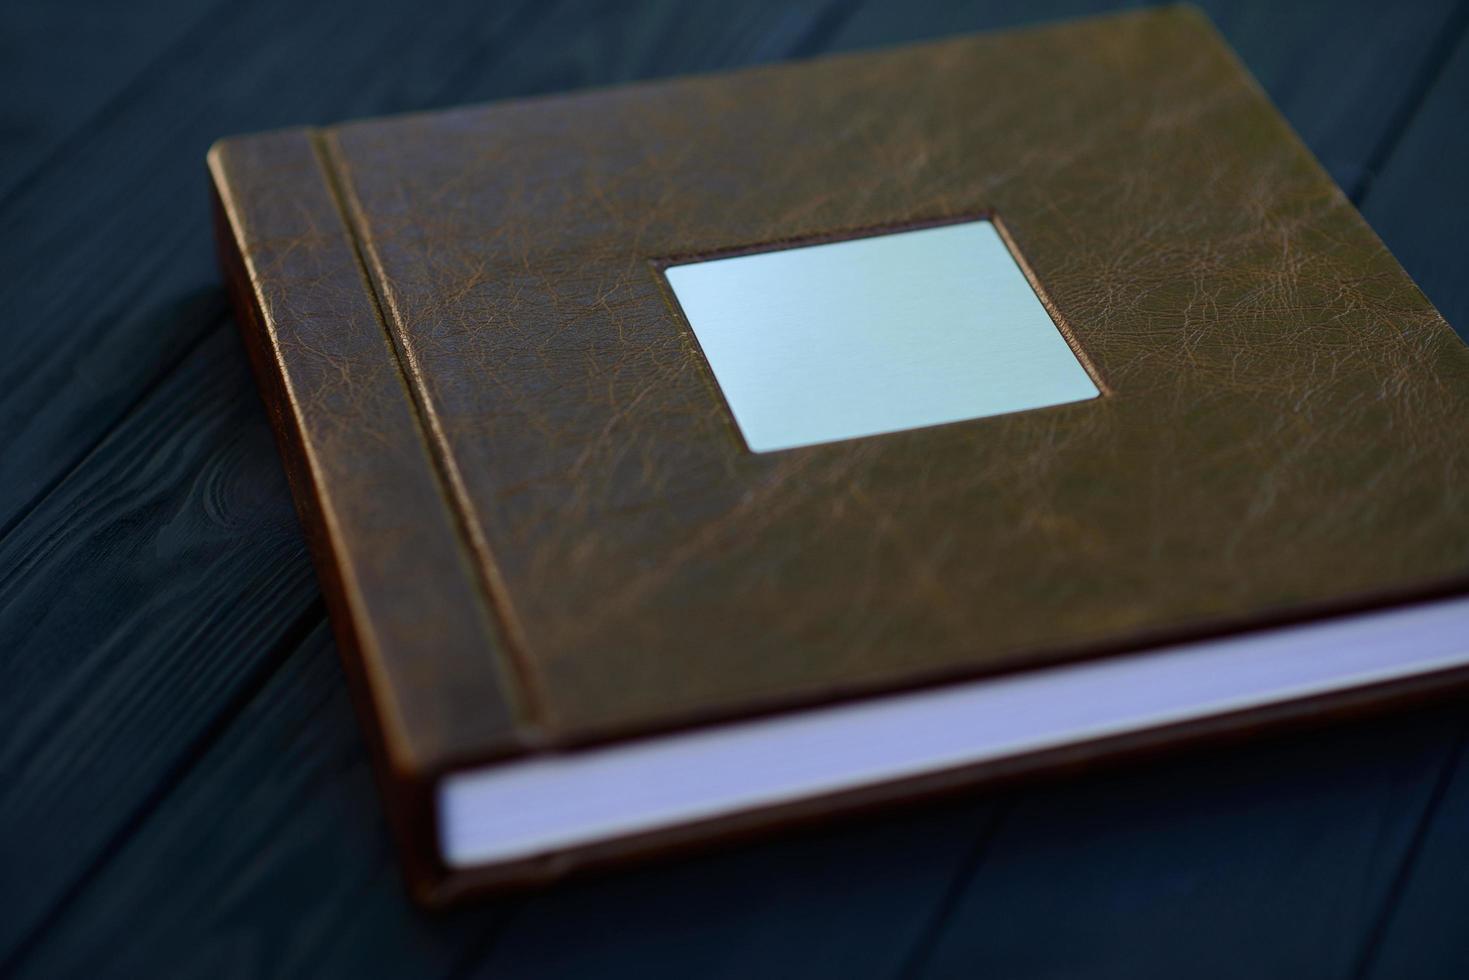 en namnskylt av metall på omslaget på en brun fotobok i läder på en svart träbakgrund. foto